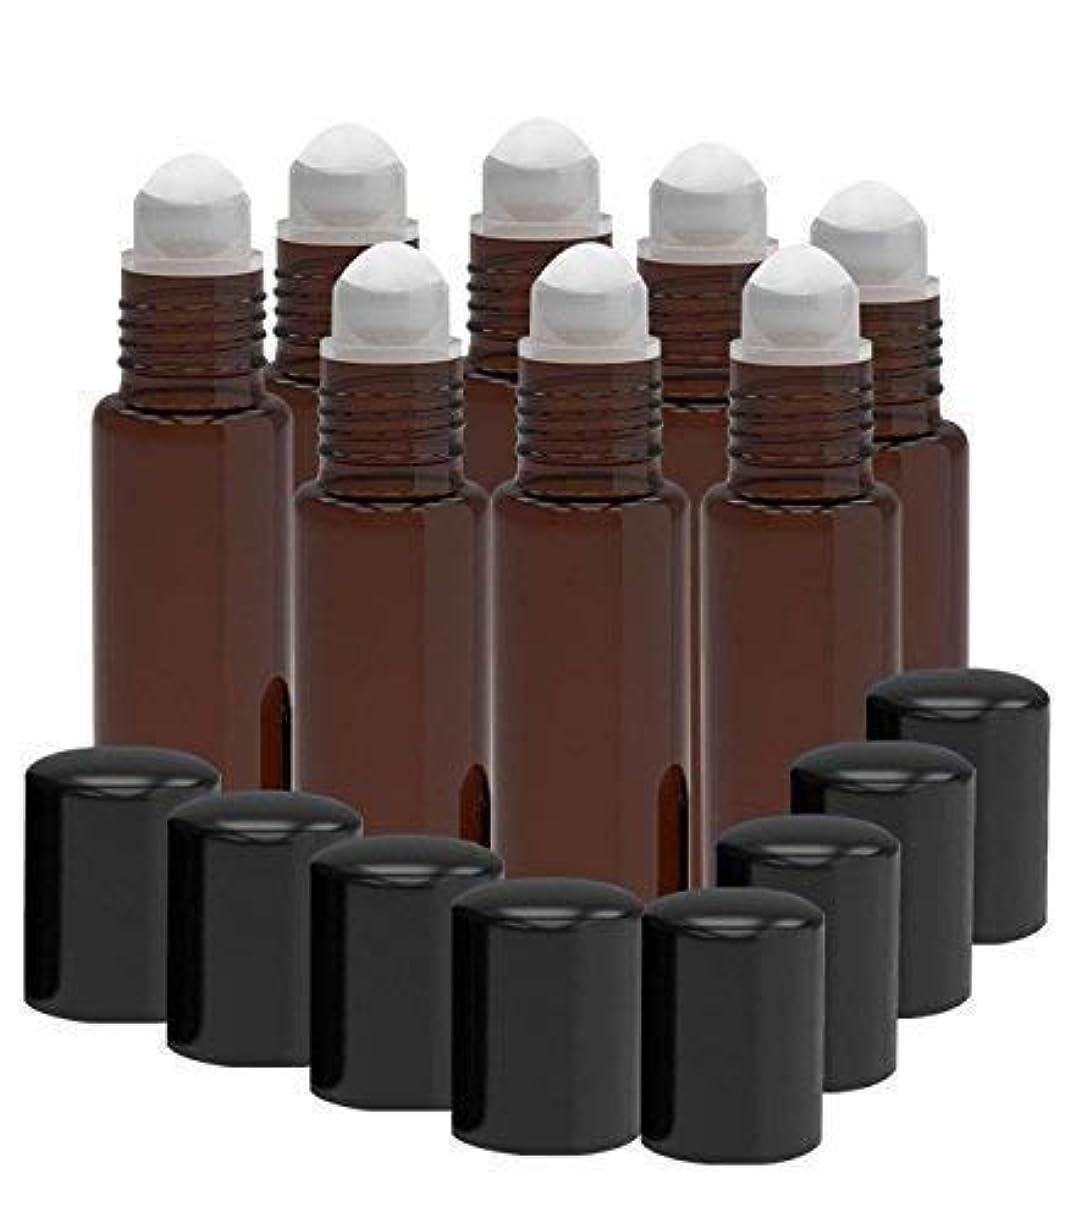 絶対のバンジージャンプ幸運な8 Pack - Essential Oil Roller Bottles [PLASTIC ROLLER] 10ml Refillable Glass Color Roll On for Fragrance Essential...